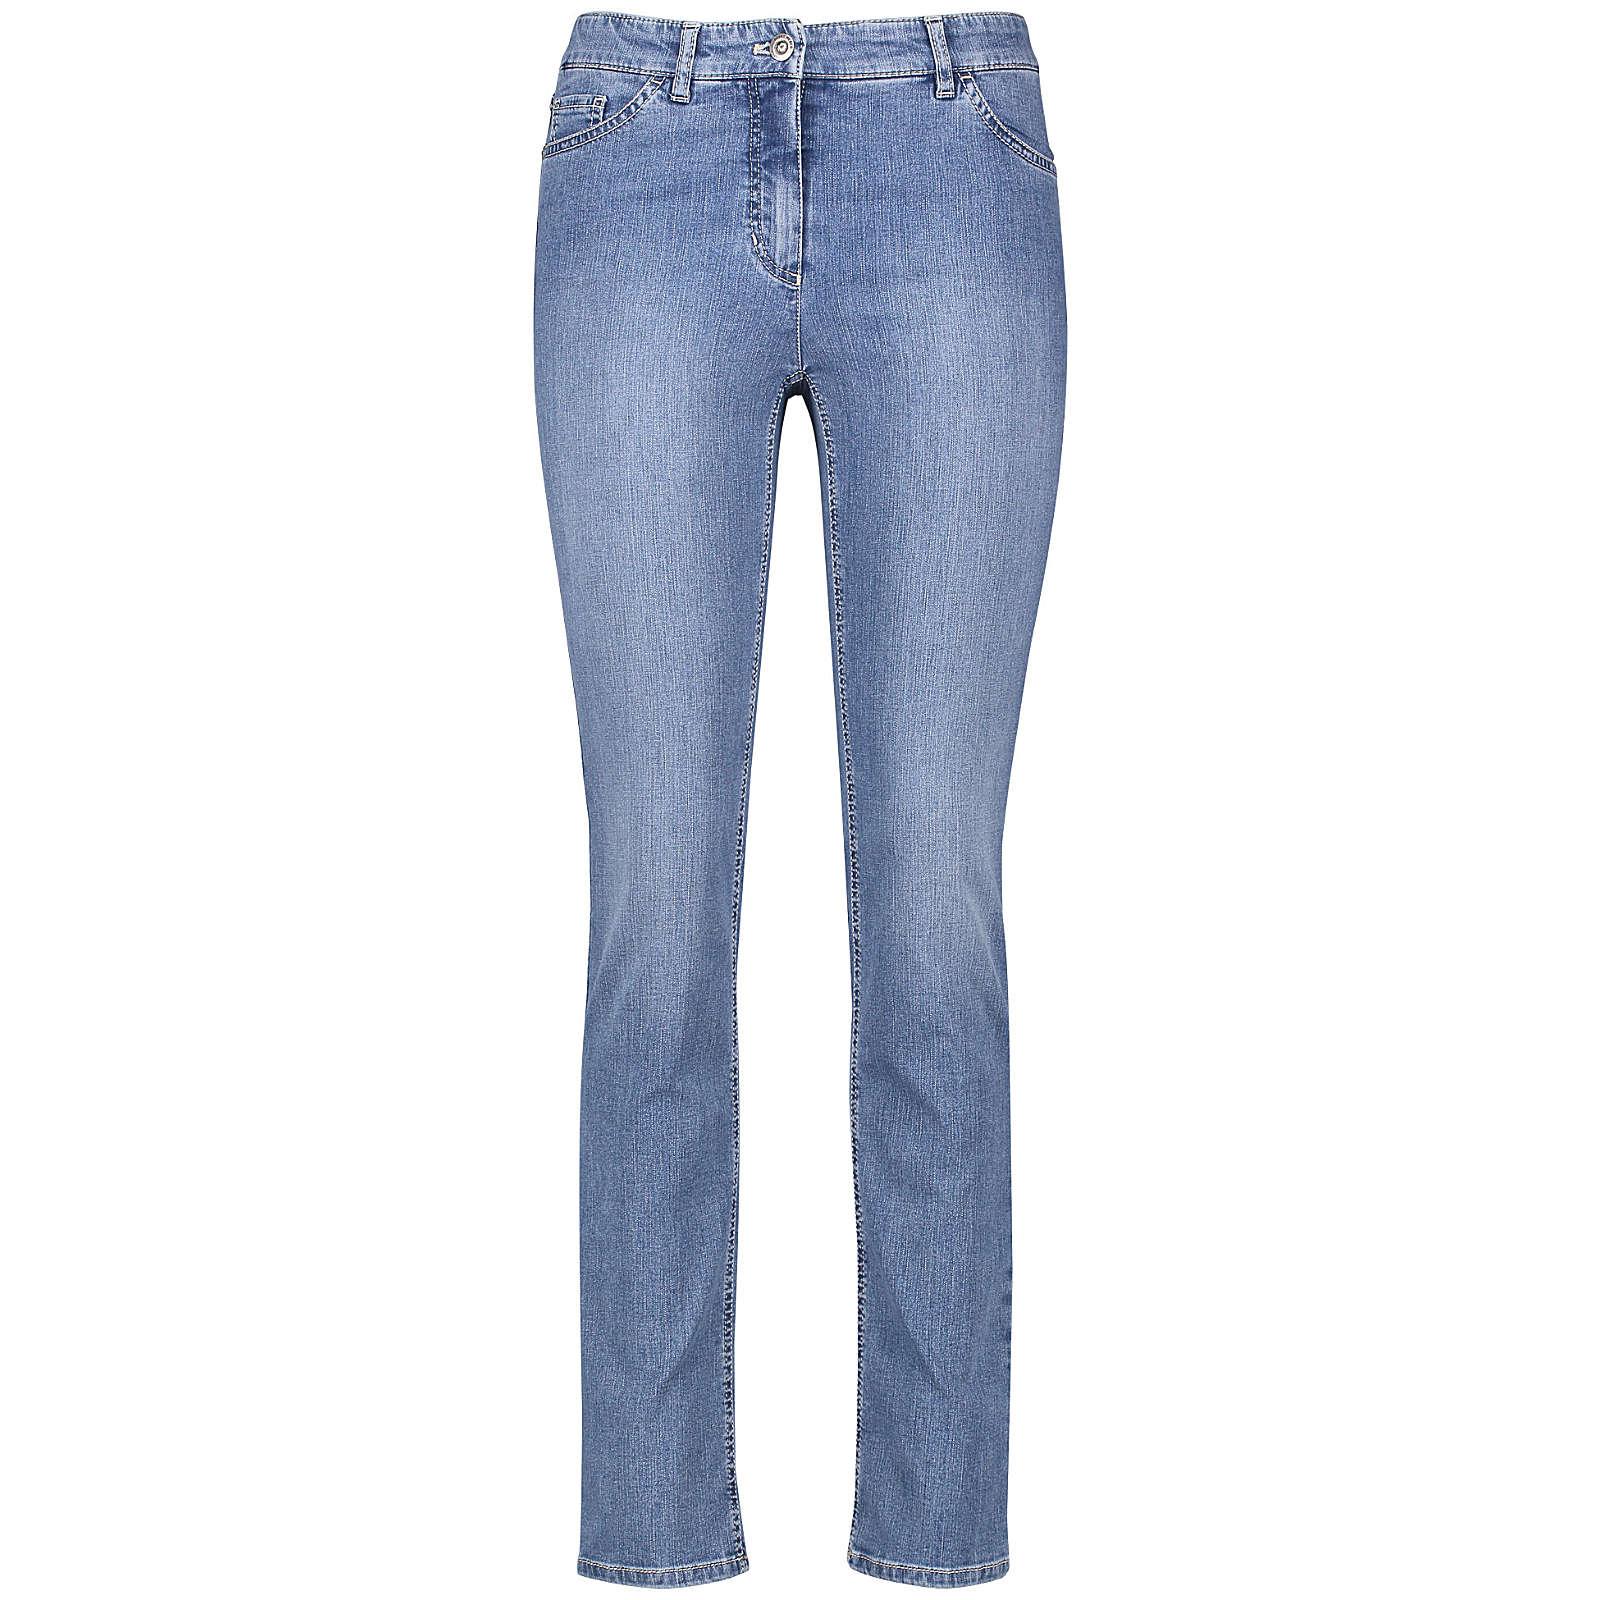 Gerry Weber Hose Jeans lang 5-Pocket Jeans Straight Fit Romy blau Damen Gr. 48